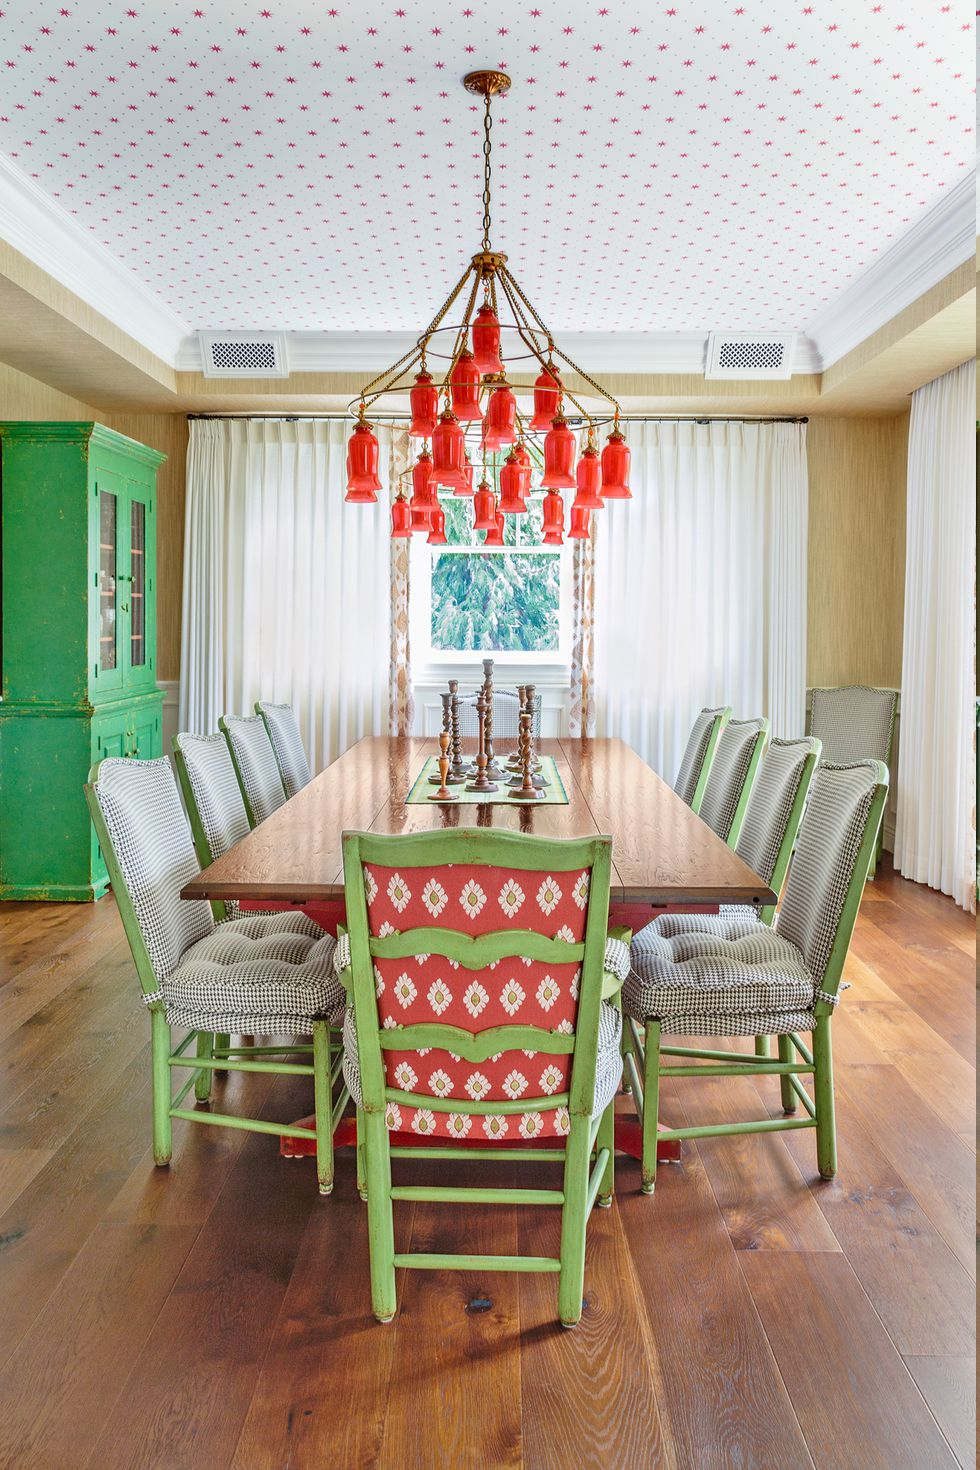 Wassermelone Trend: Farbenfrohe Wohnideen für Ihr eigenes Zuhause